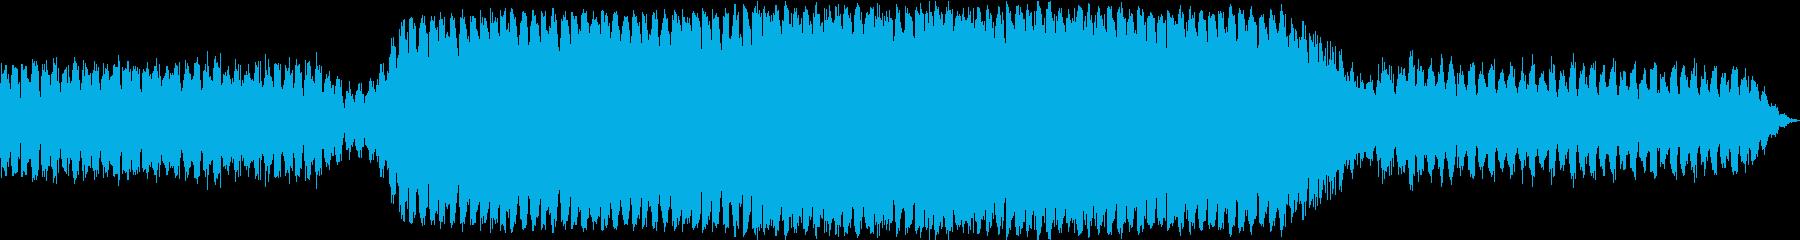 人間の内面をイメージした音楽の再生済みの波形